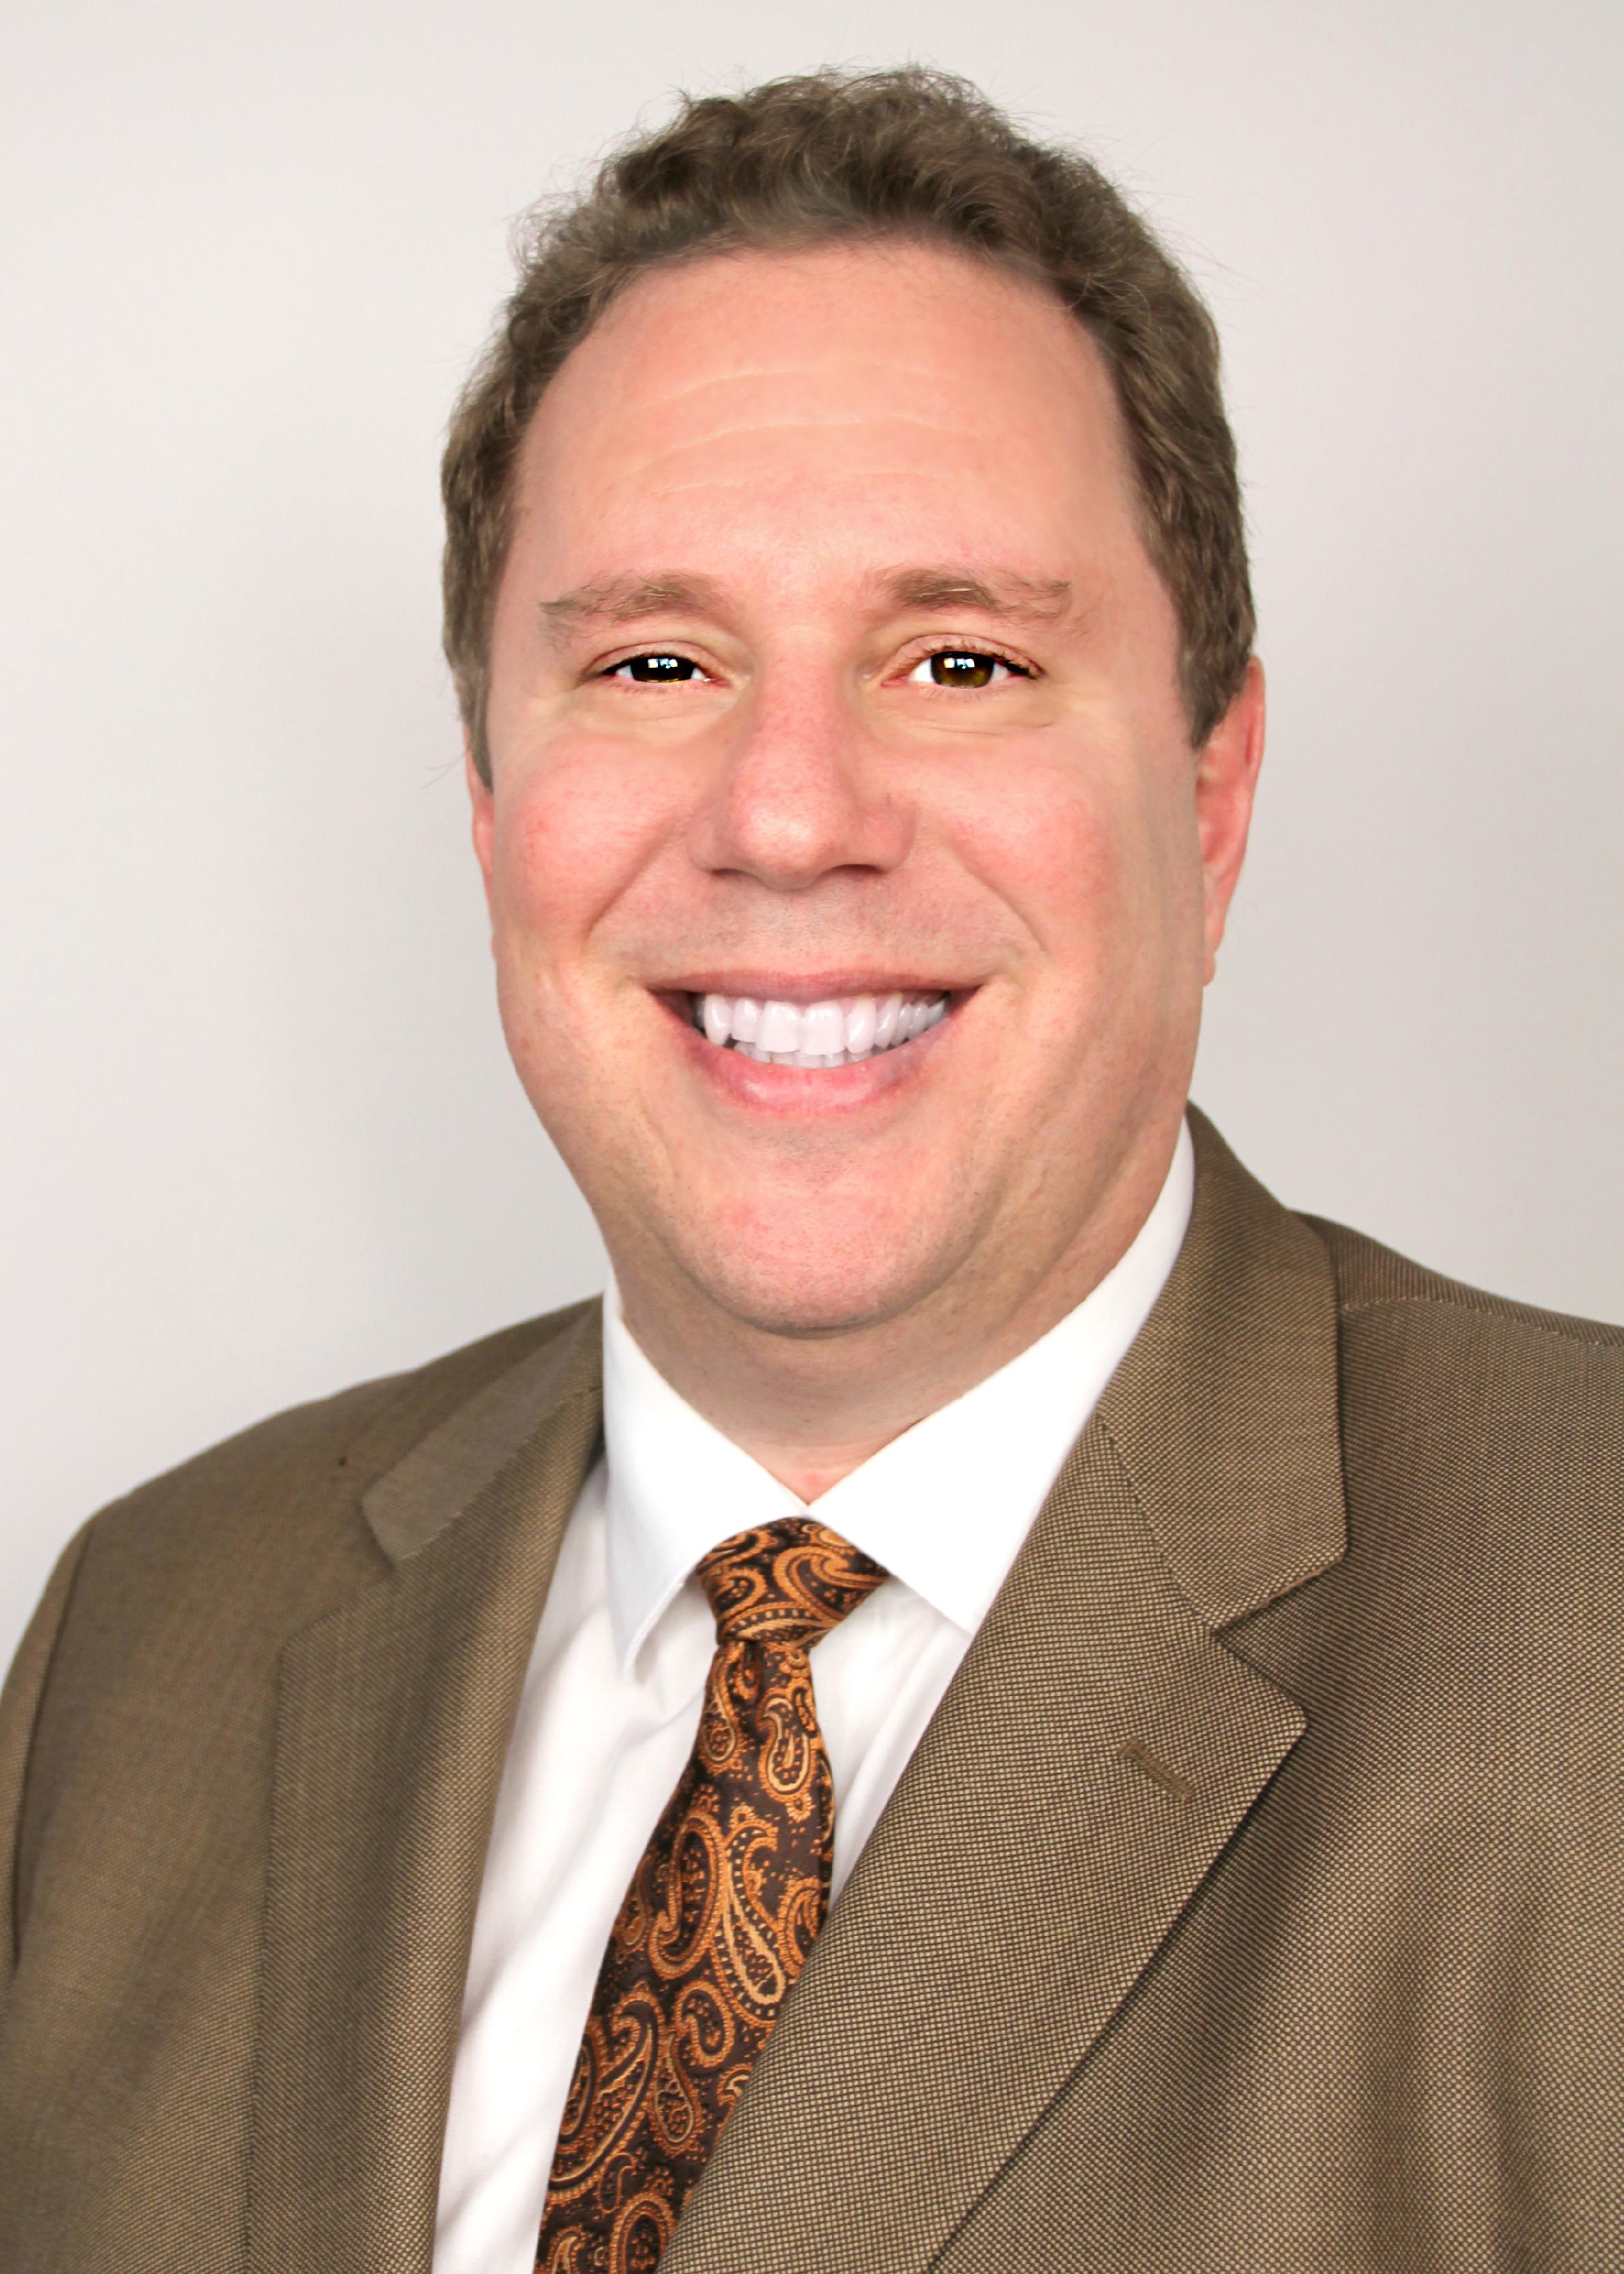 Ed Schauder